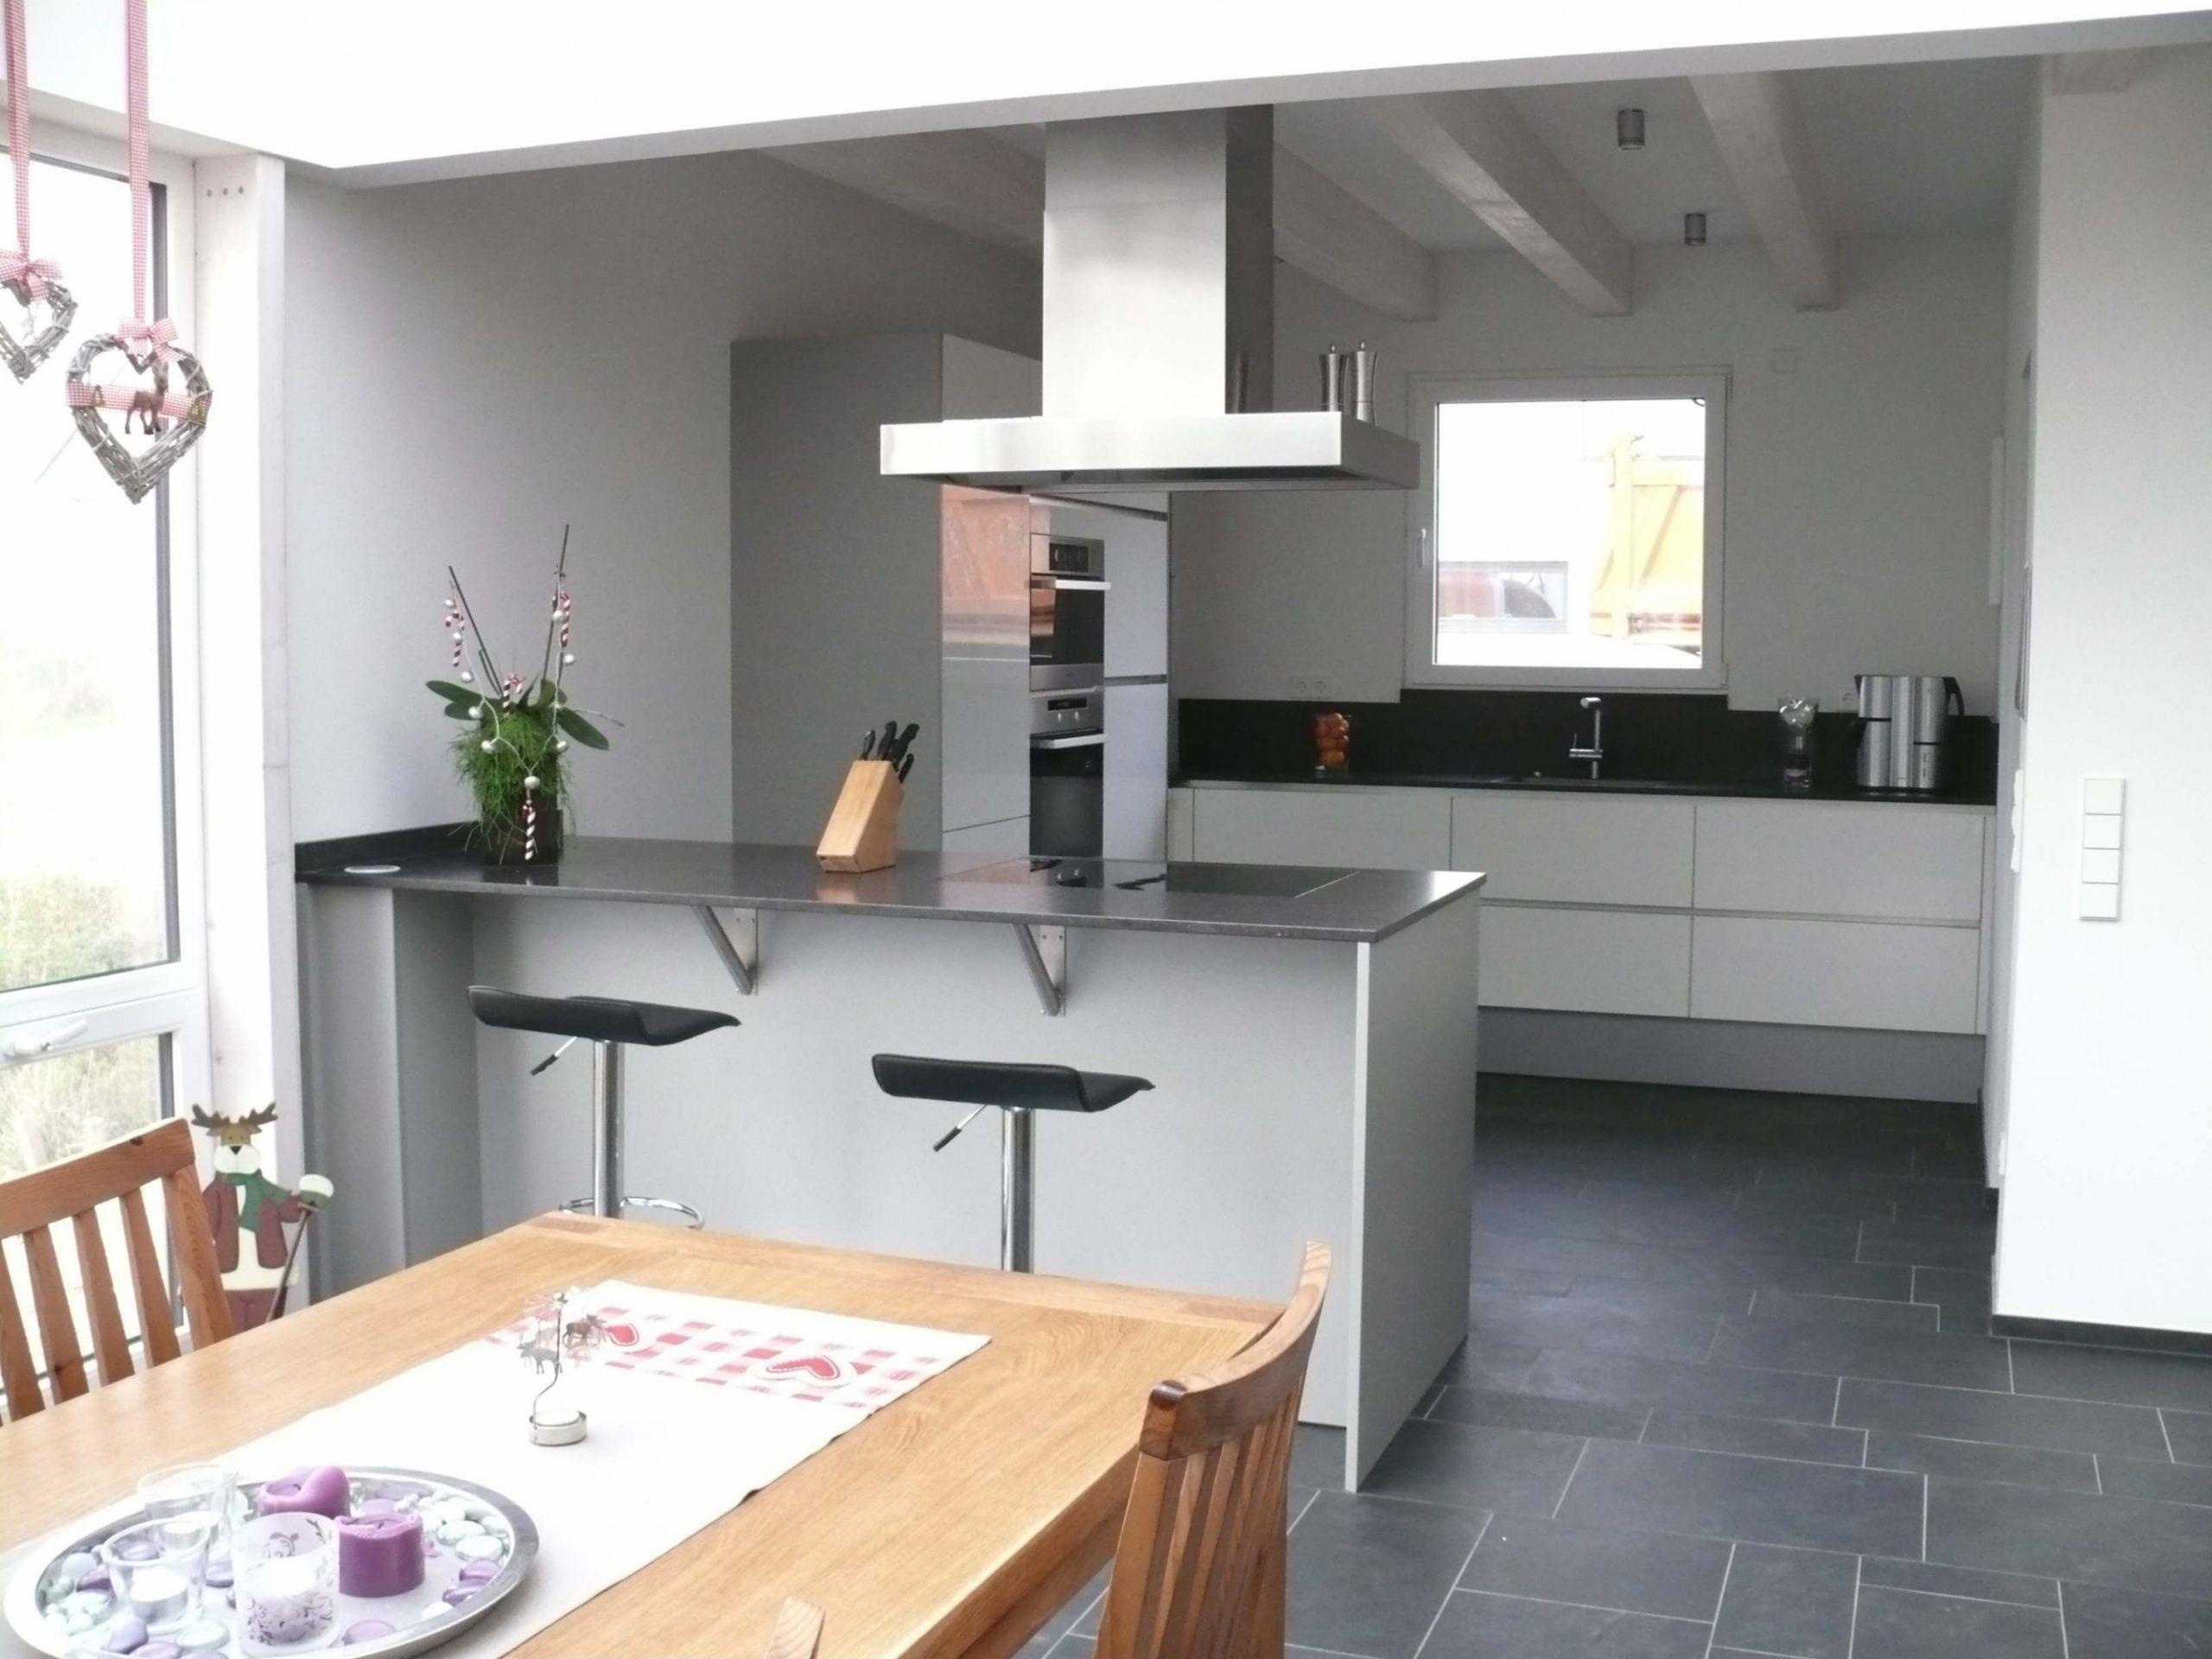 Full Size of Sitzbank Für Küche ? Yct Projekte   Sitzecke Für Kleine Küche Küche Sitzecke Küche